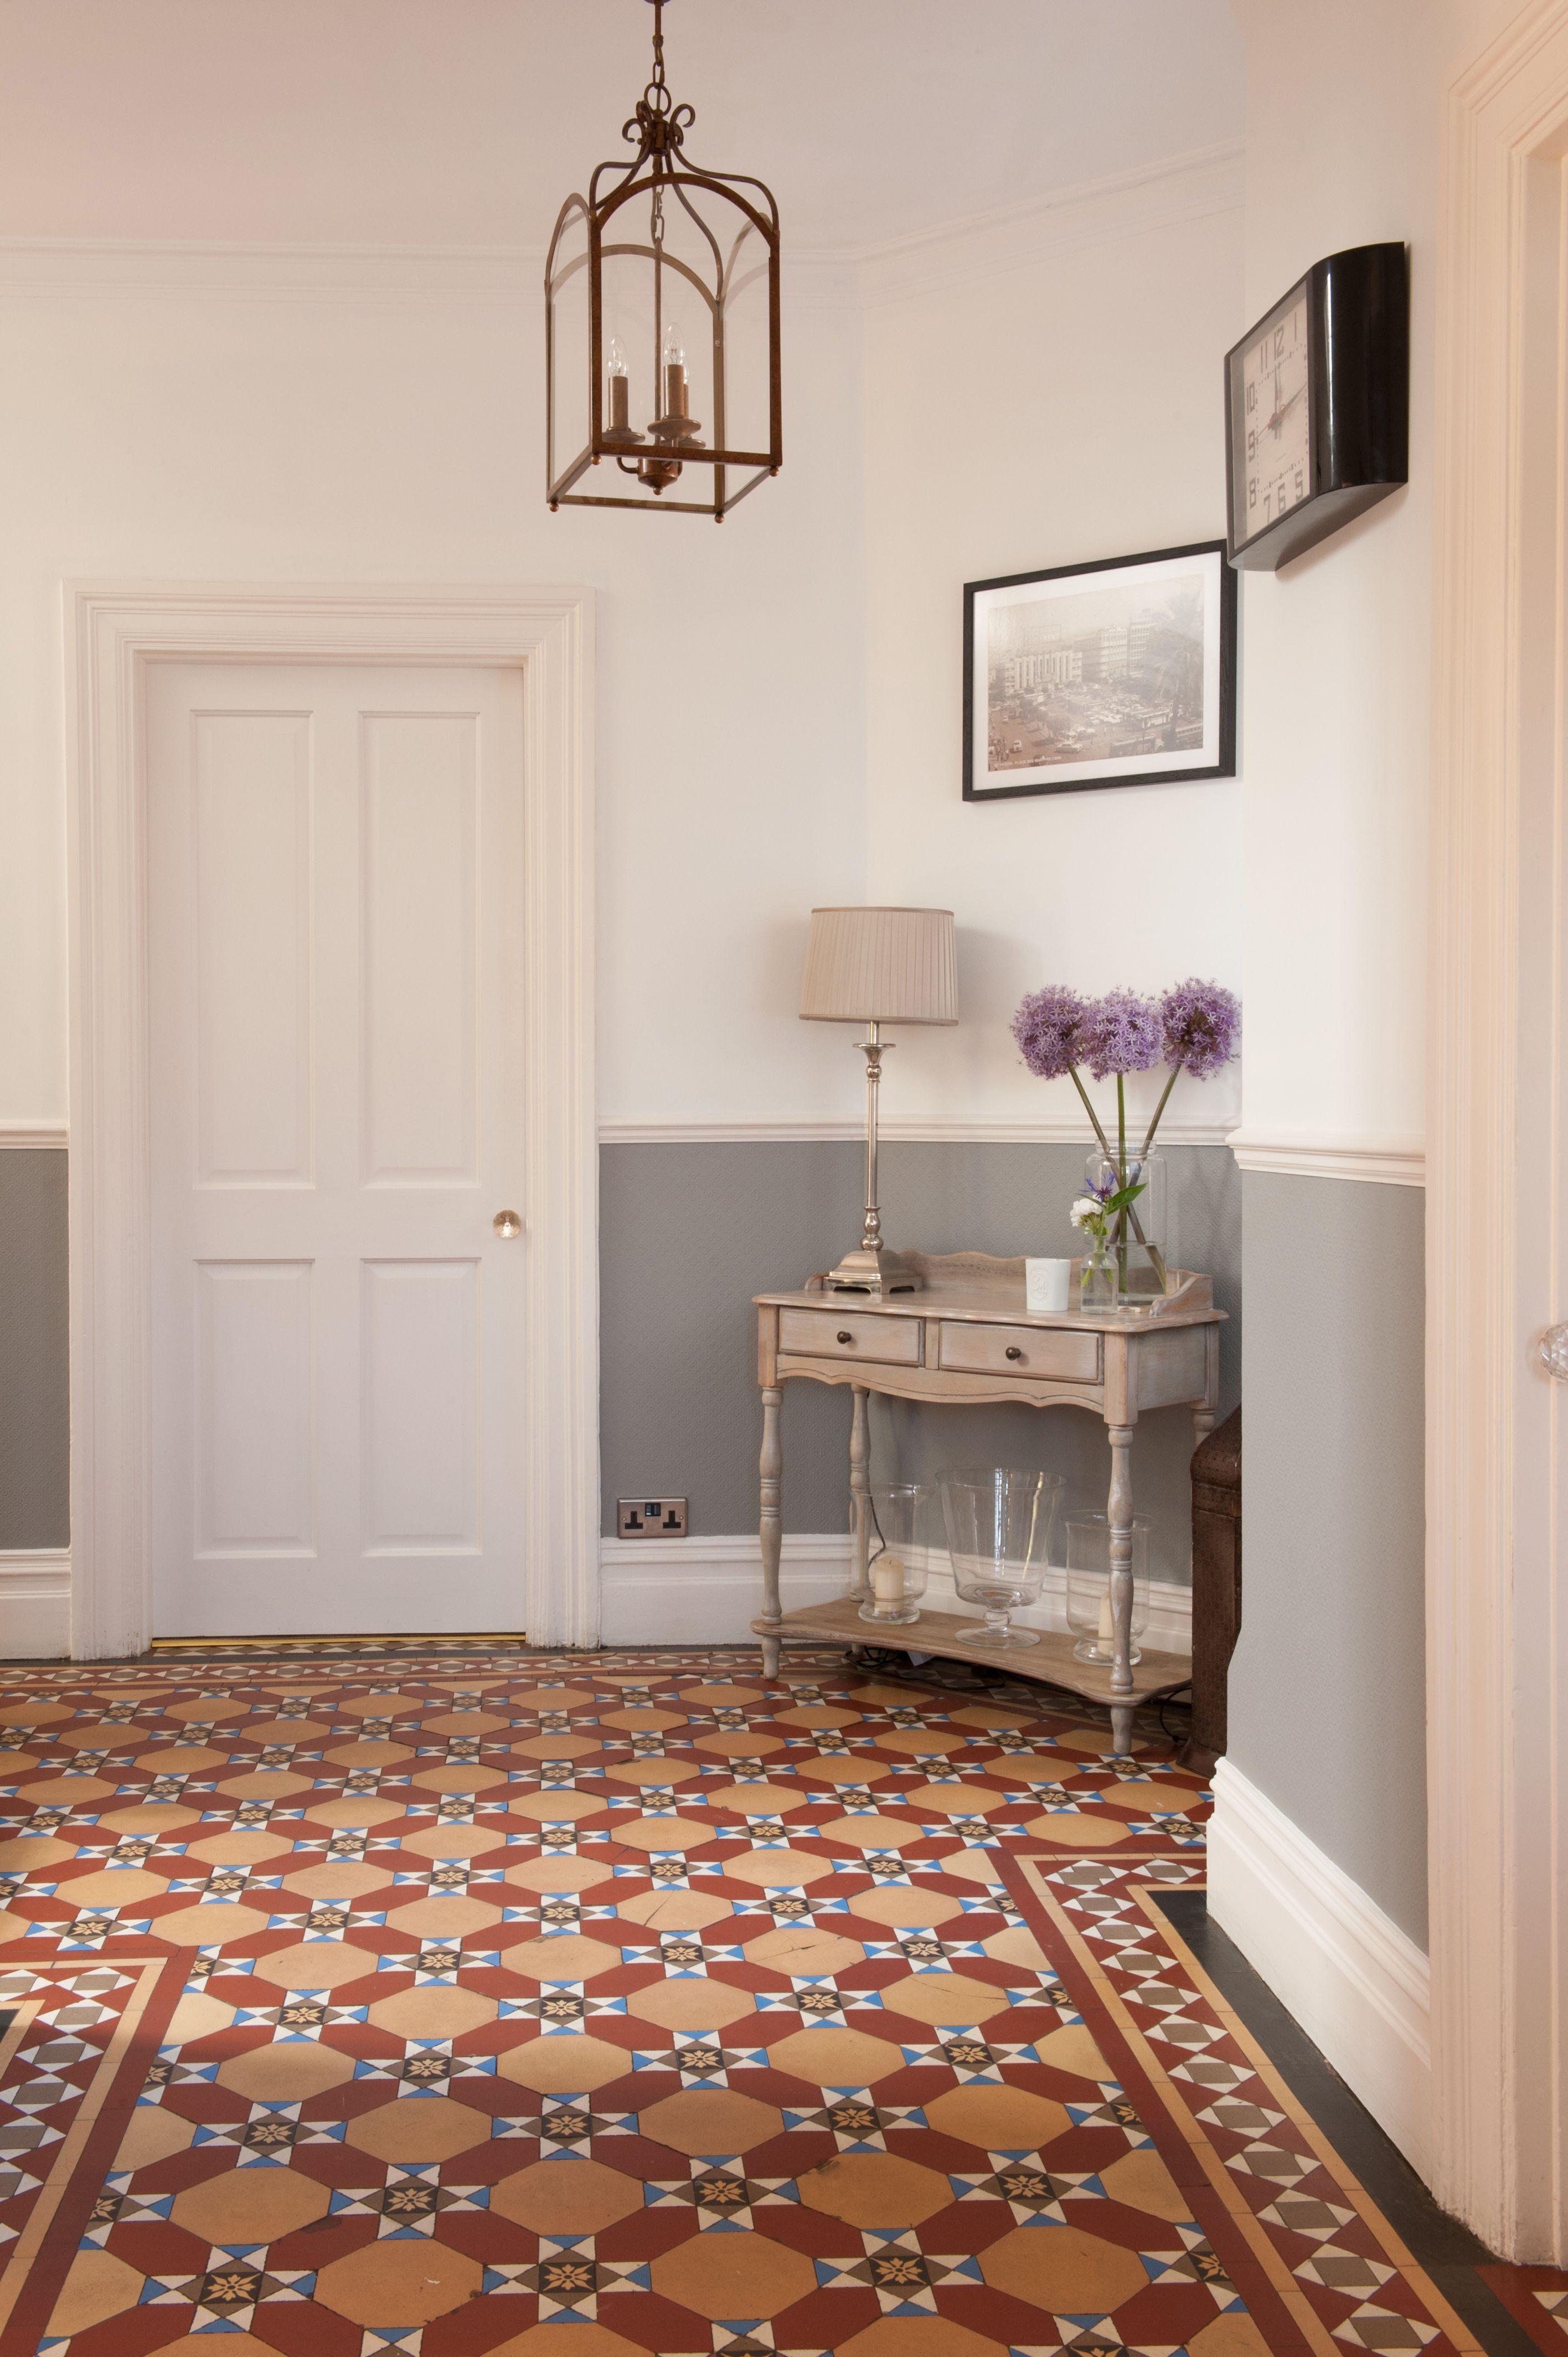 edwardian floor tiles interieur pinterest haus innenarchitektur und parkett. Black Bedroom Furniture Sets. Home Design Ideas